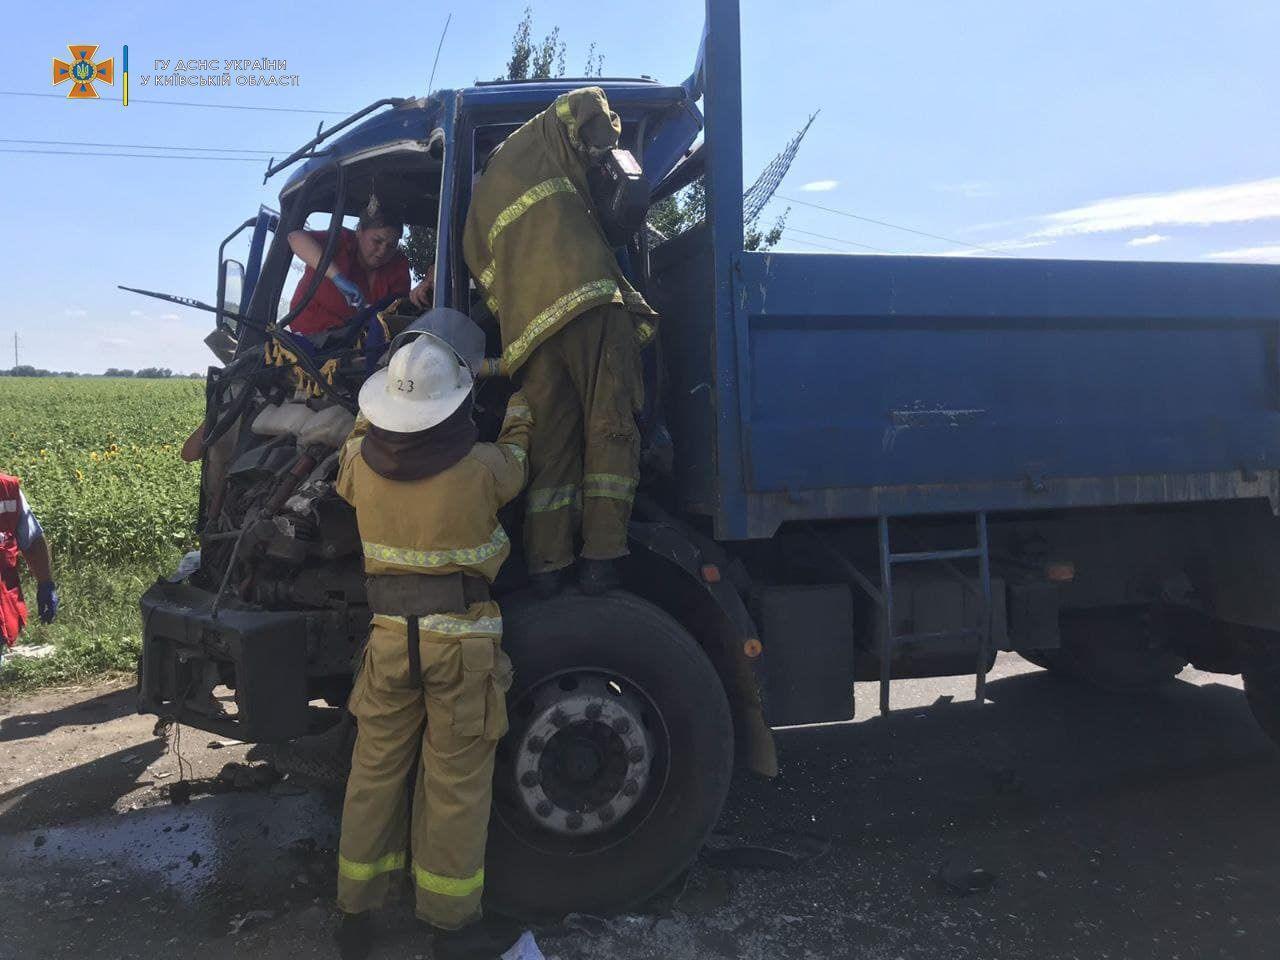 Щоб допомогти потерпілому, рятувальники застосували спецінструмент.